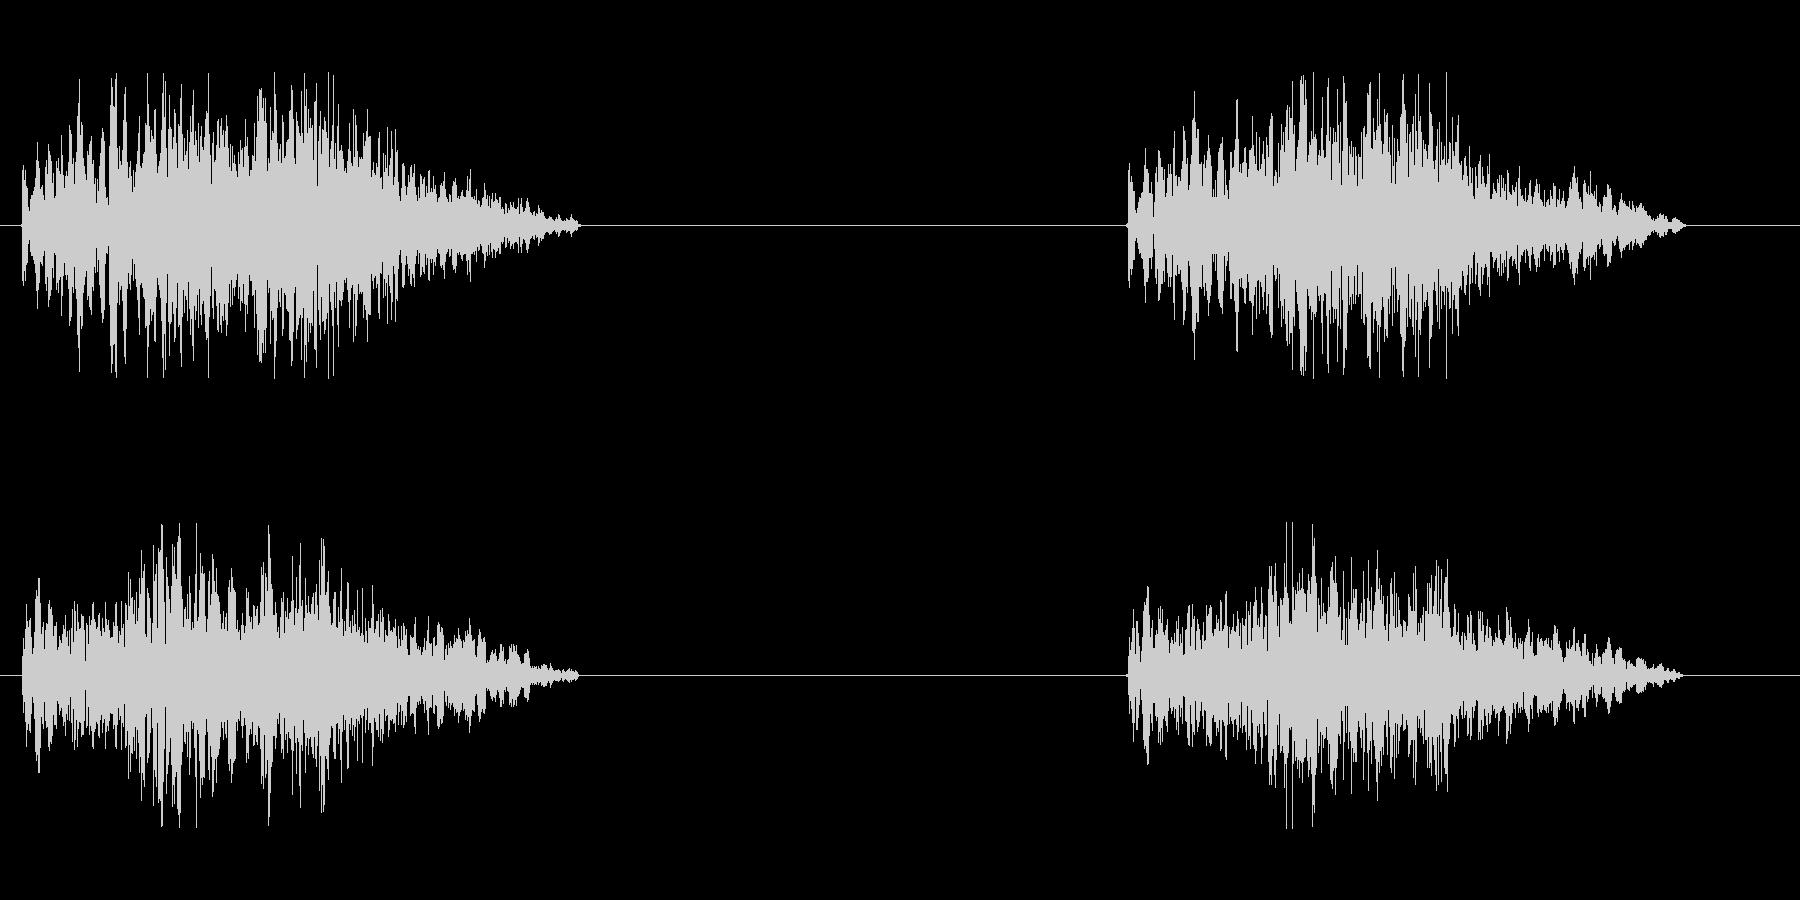 モンスターの足音の未再生の波形